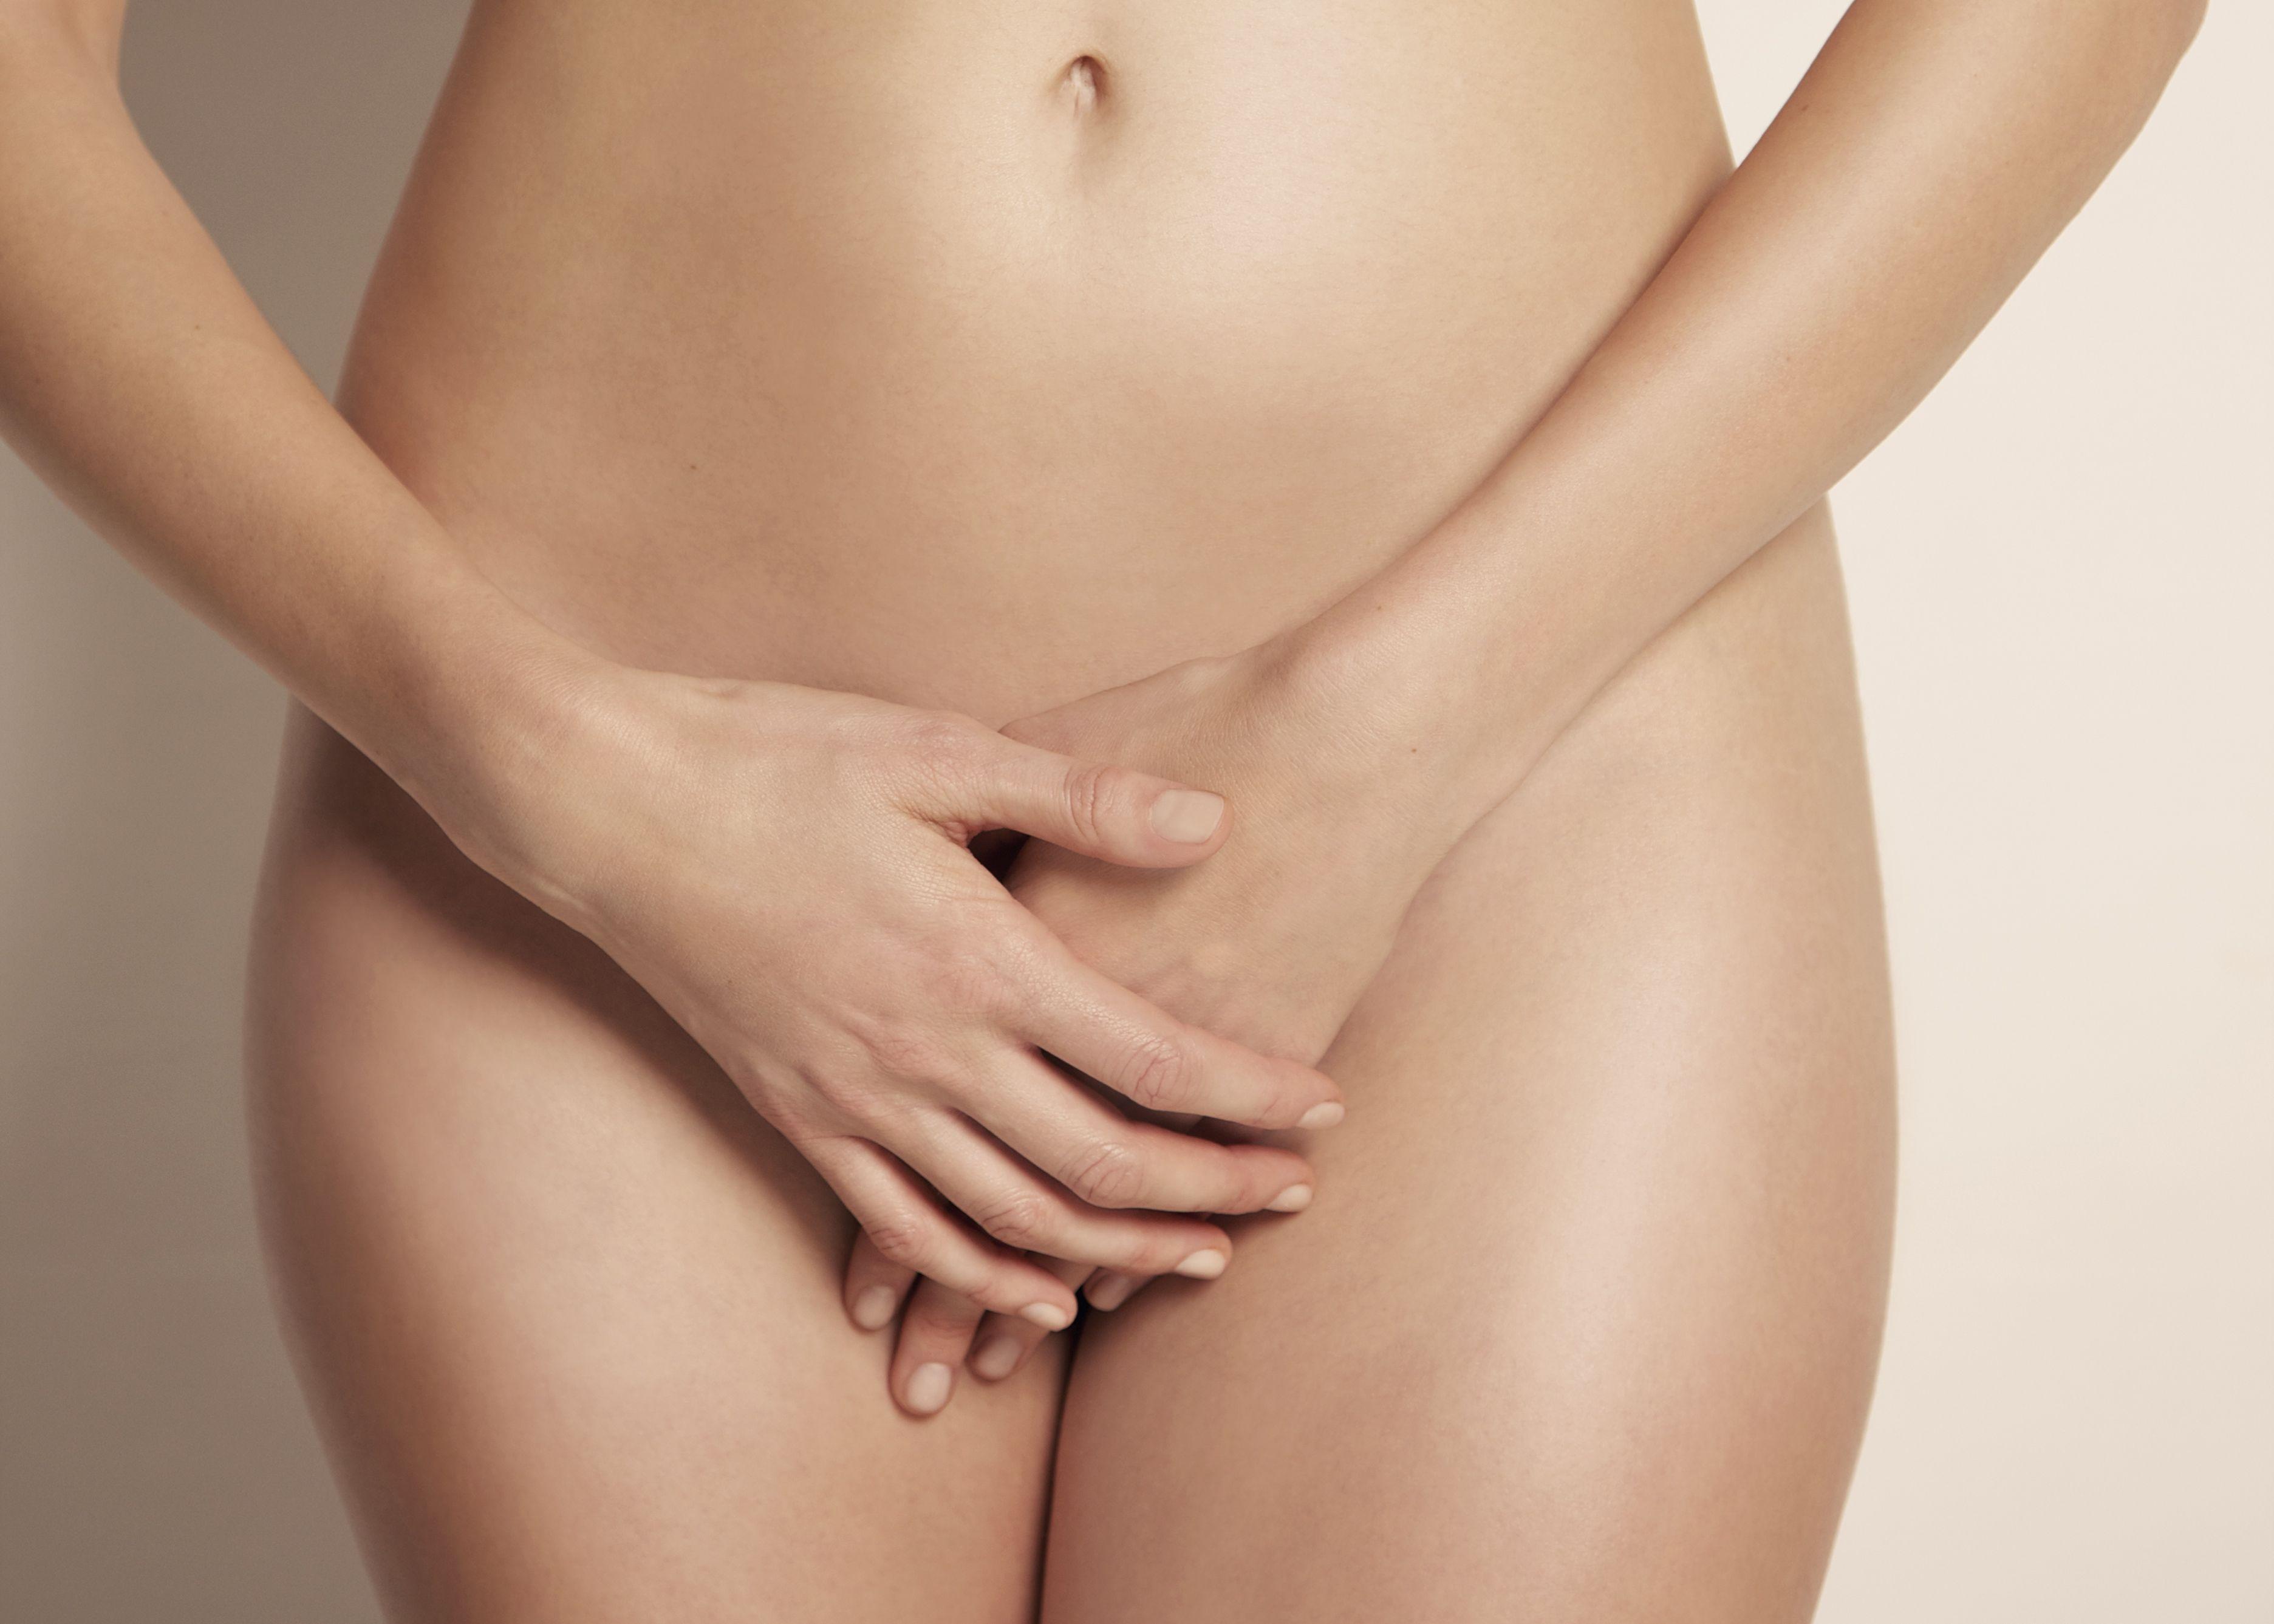 чел видит смотреть онлайн фотки вагин которые